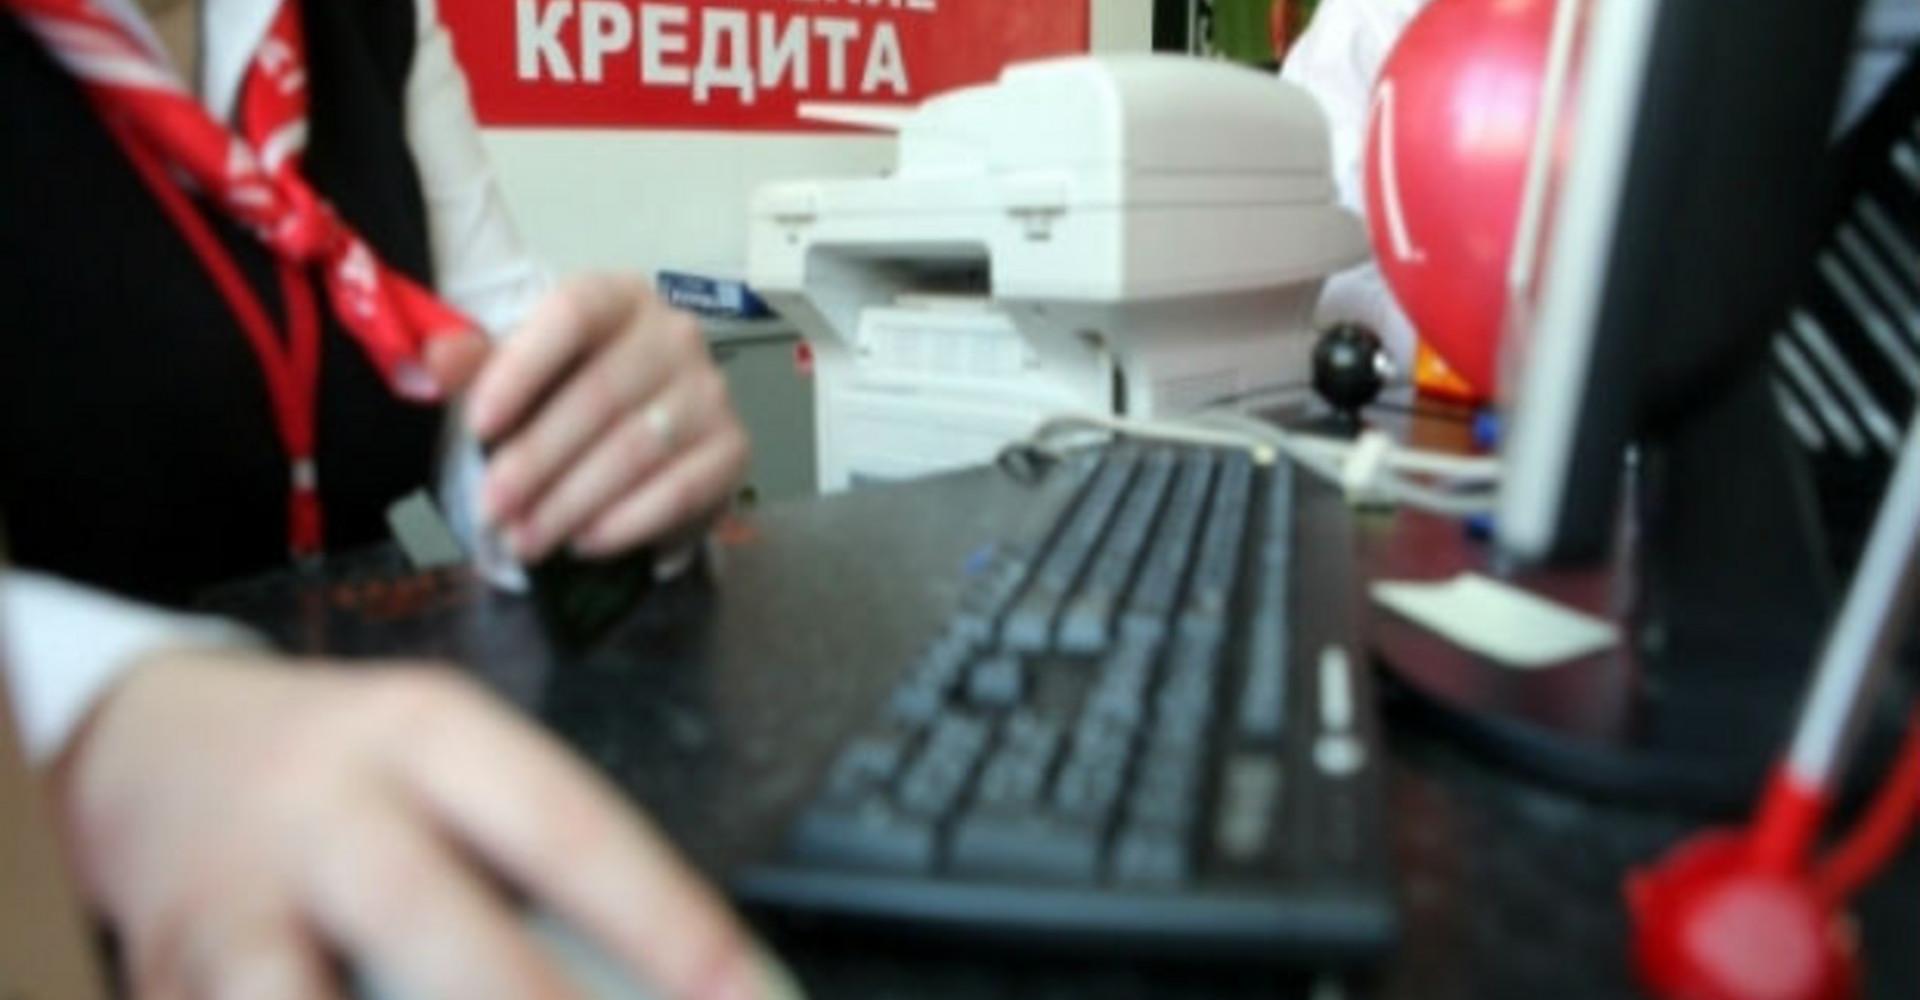 кредиты кирова 5 где можно снять деньги с карты райффайзен банка без комиссии